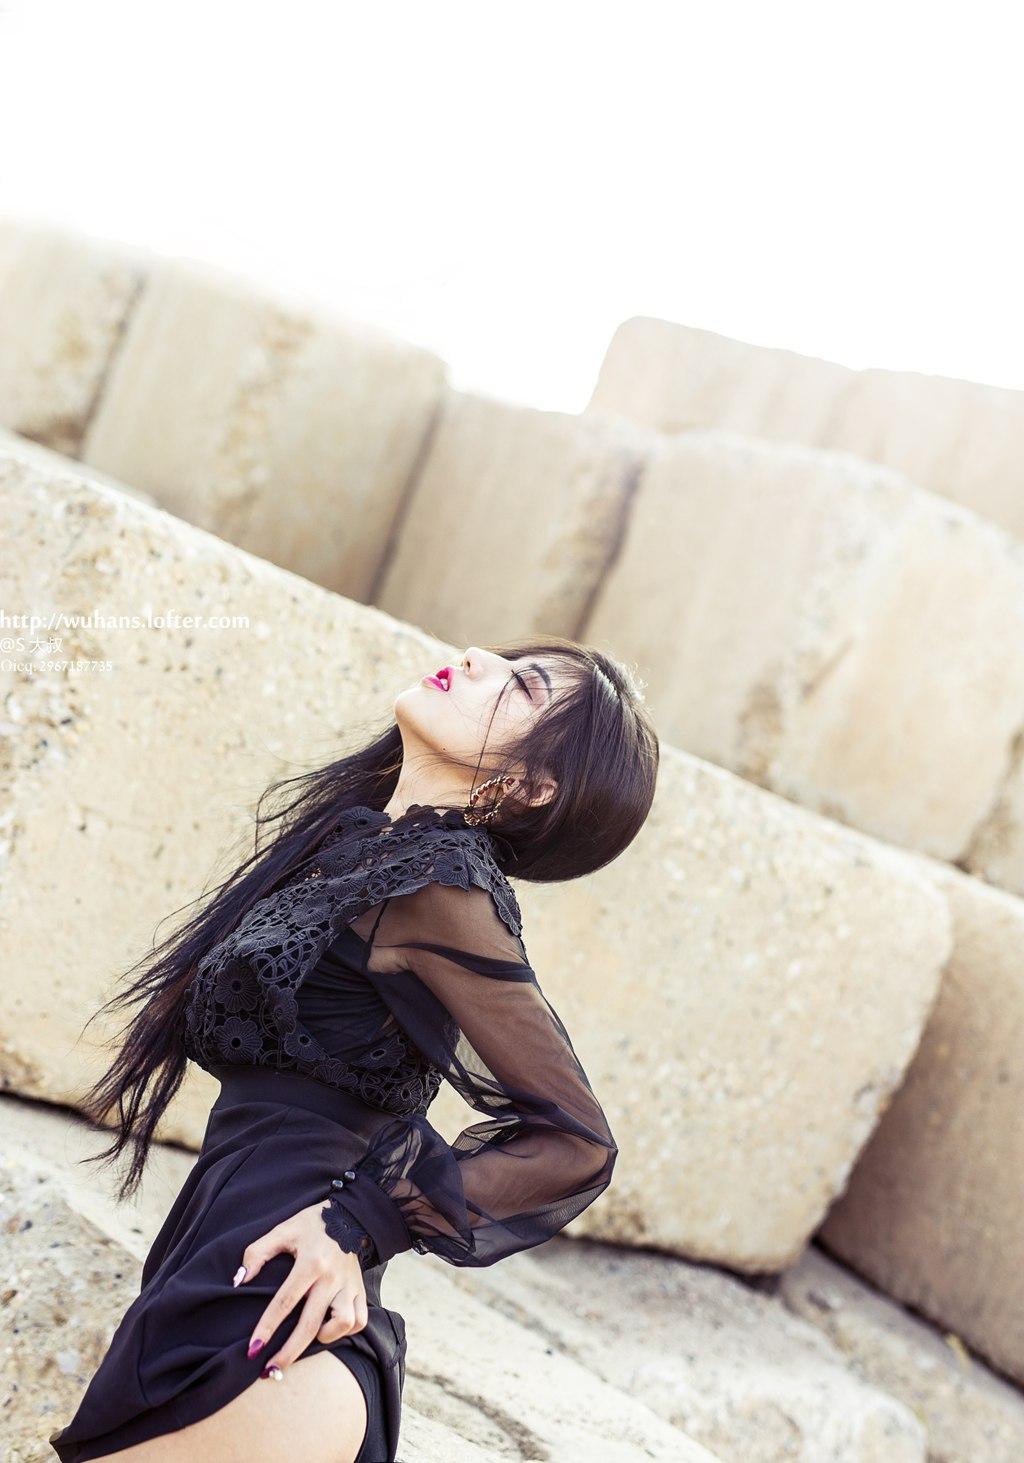 DV1-475诱人美女吊带红裙妩媚风情写真